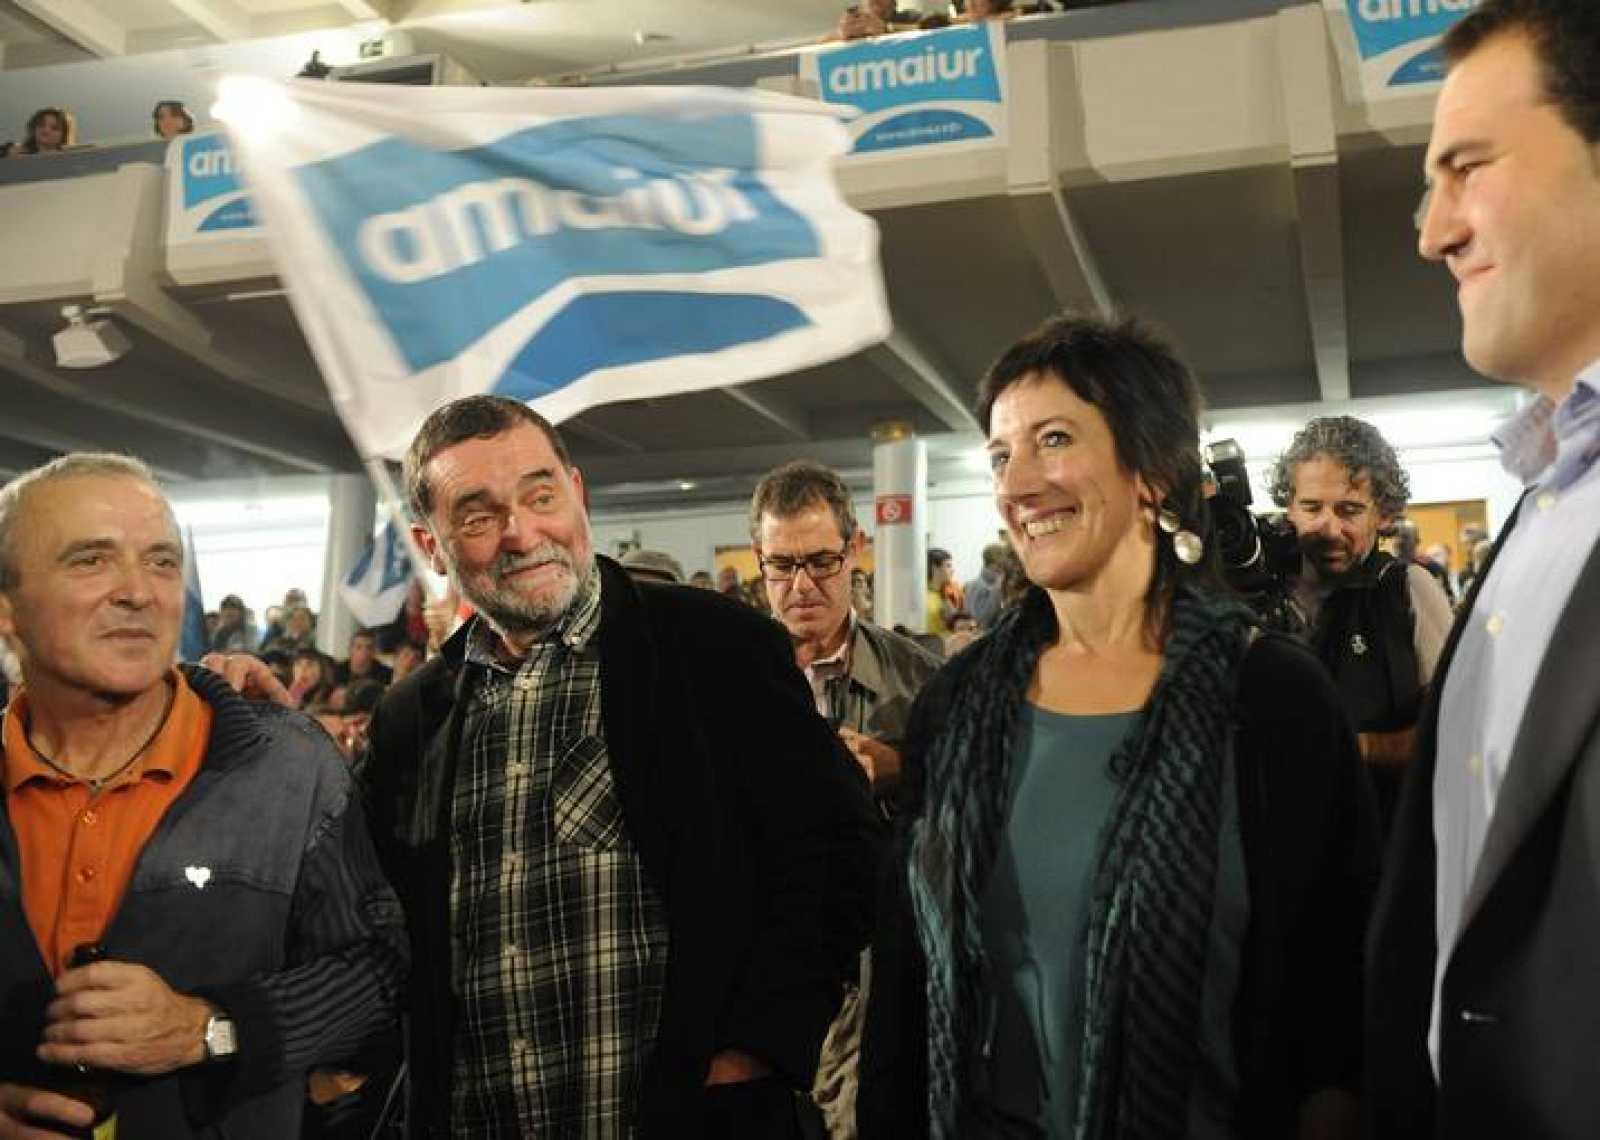 Los candidatos de Amaiur Sabino Cuadra, Iñaki Antigüedad y Maite Aristegi celebran el resultado electoral de su coalición.